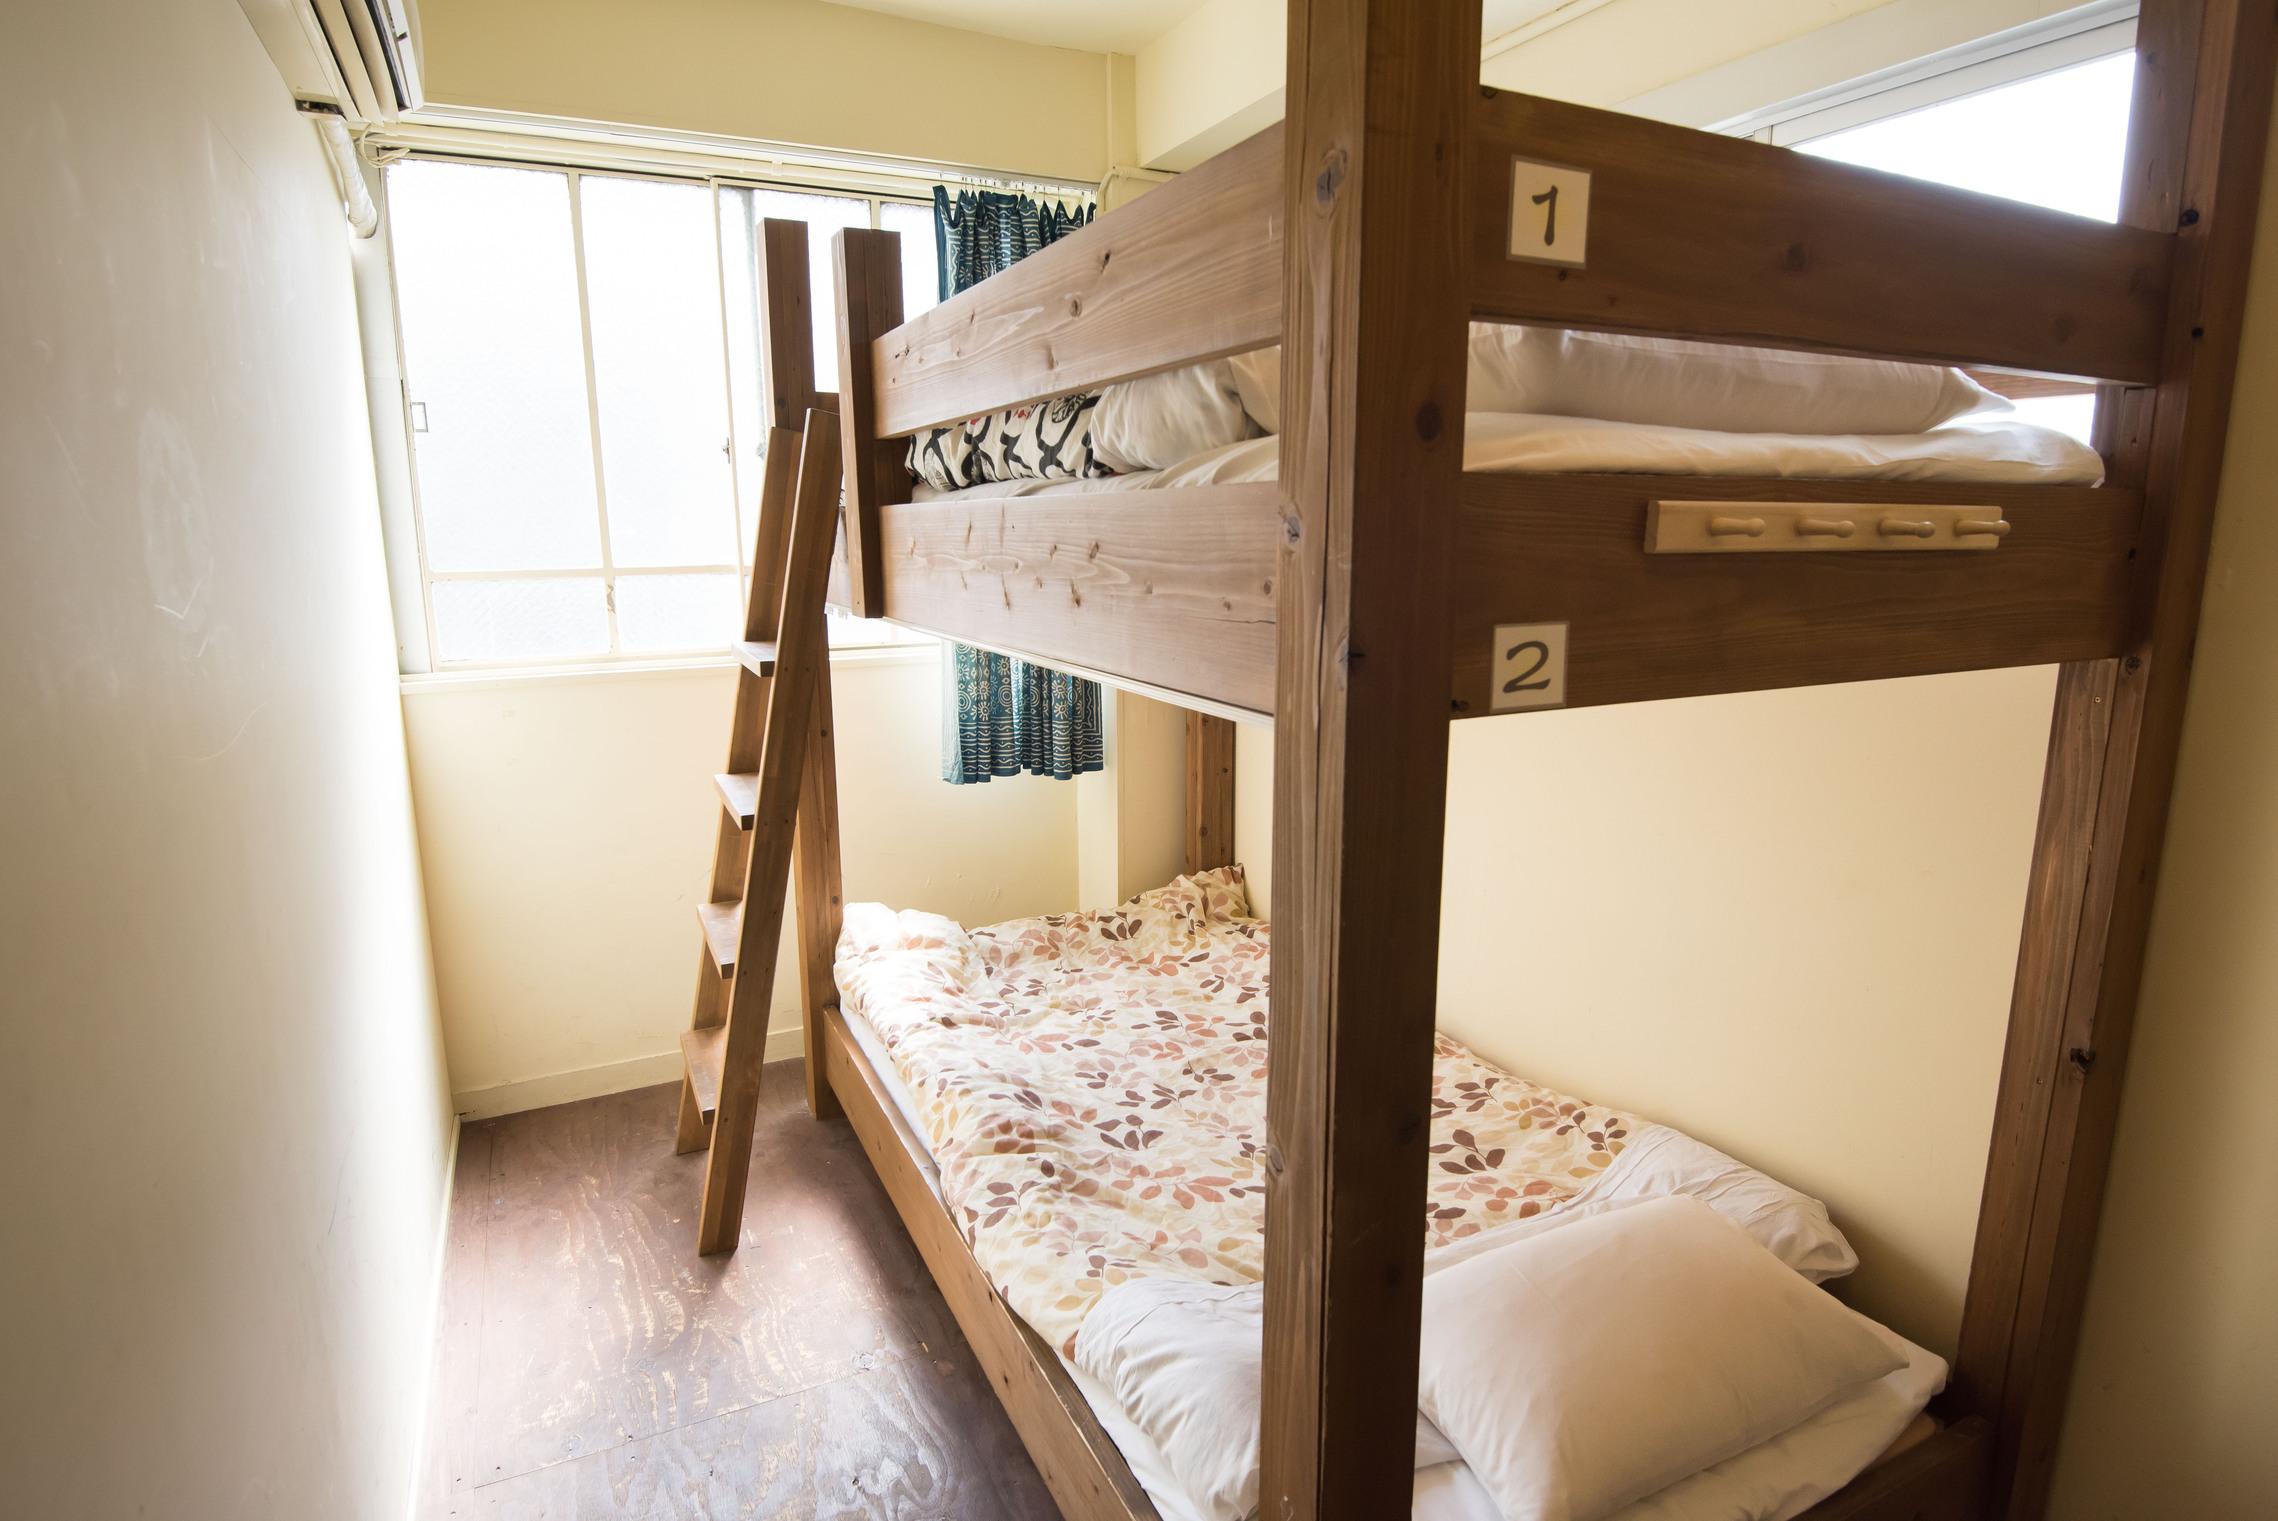 室内(4人プライベートルーム)